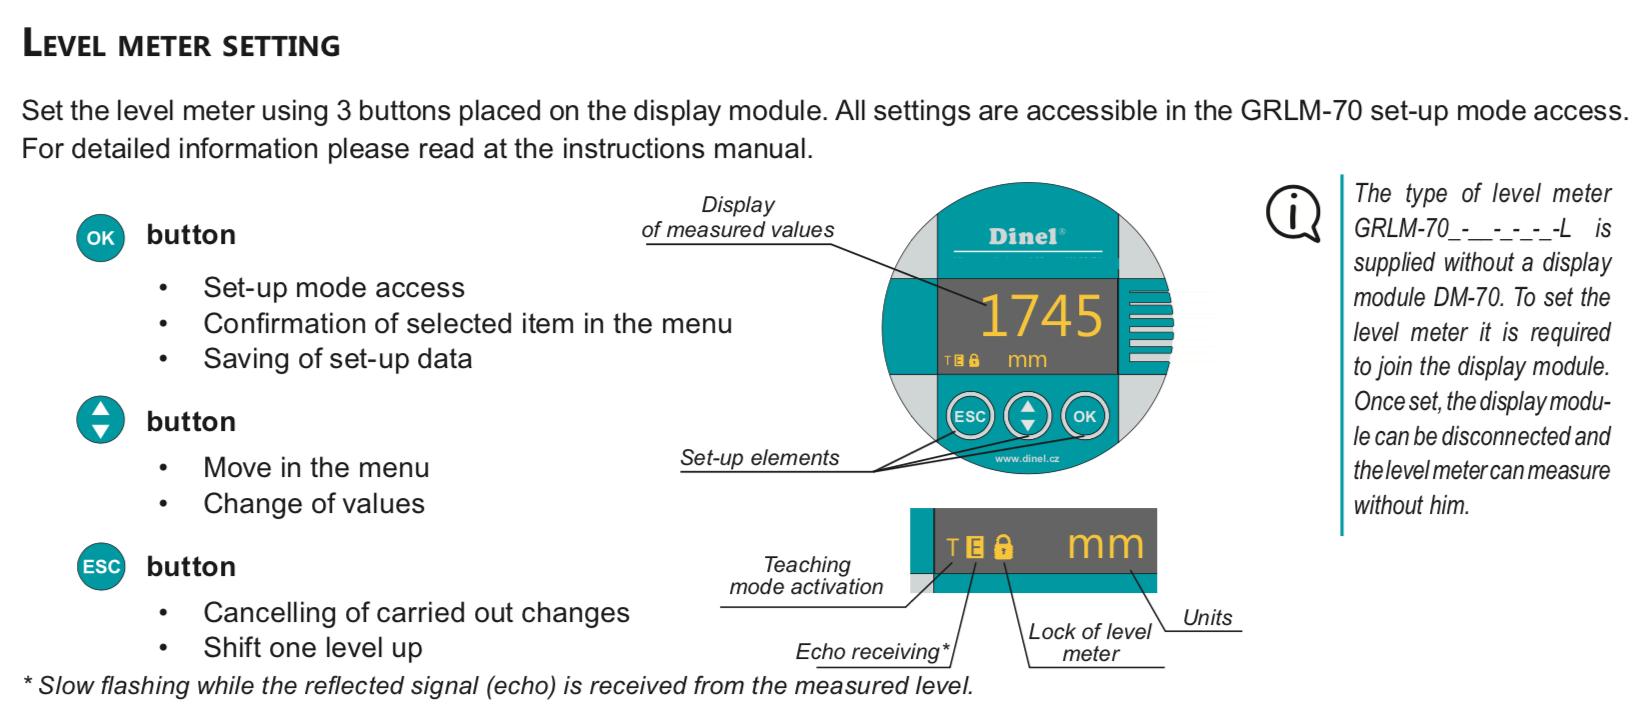 Màng hình hiển thị mức của cảm biến radar